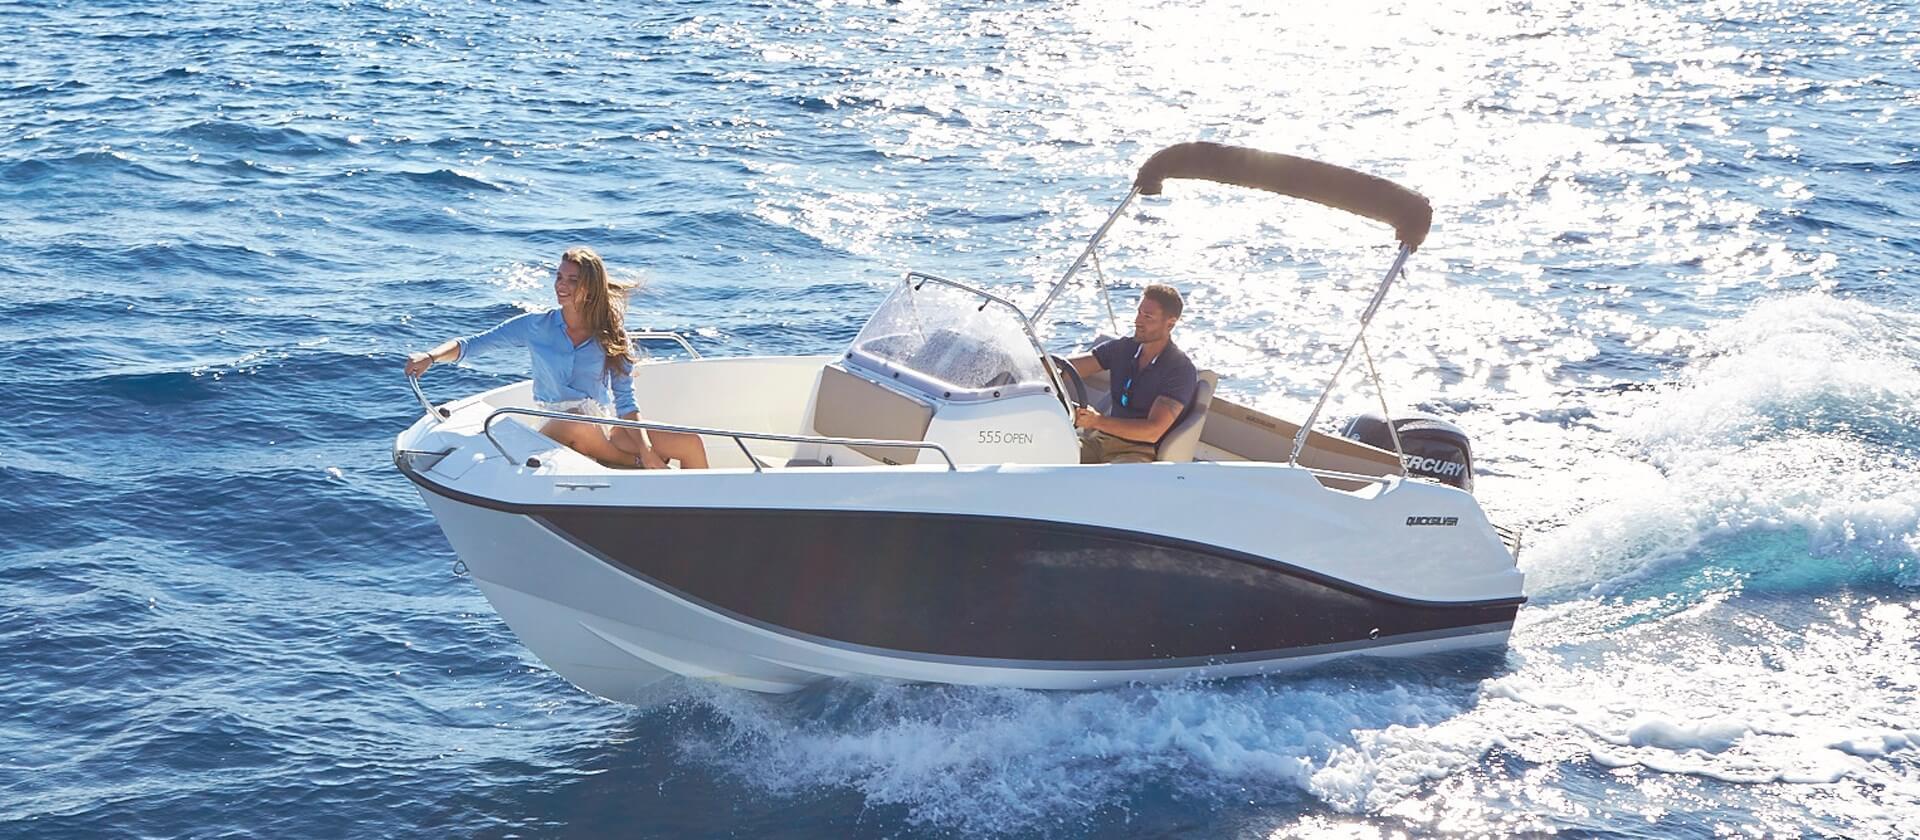 סירת דייג ספורטיבית Quicksilver 555 open